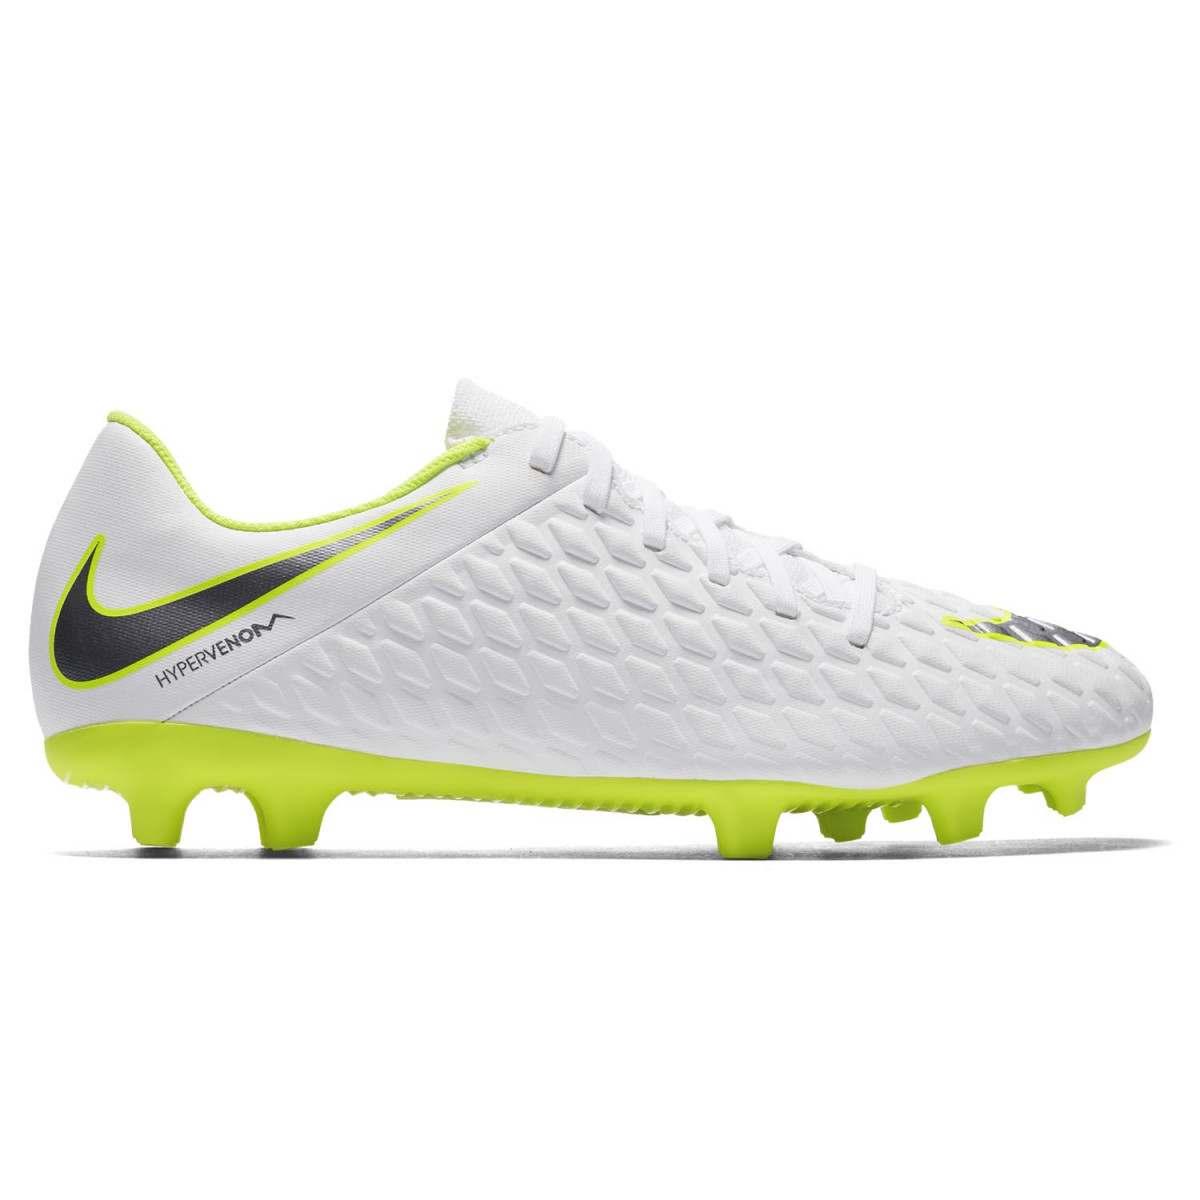 Botines Nike Phantom 3 Club Fg